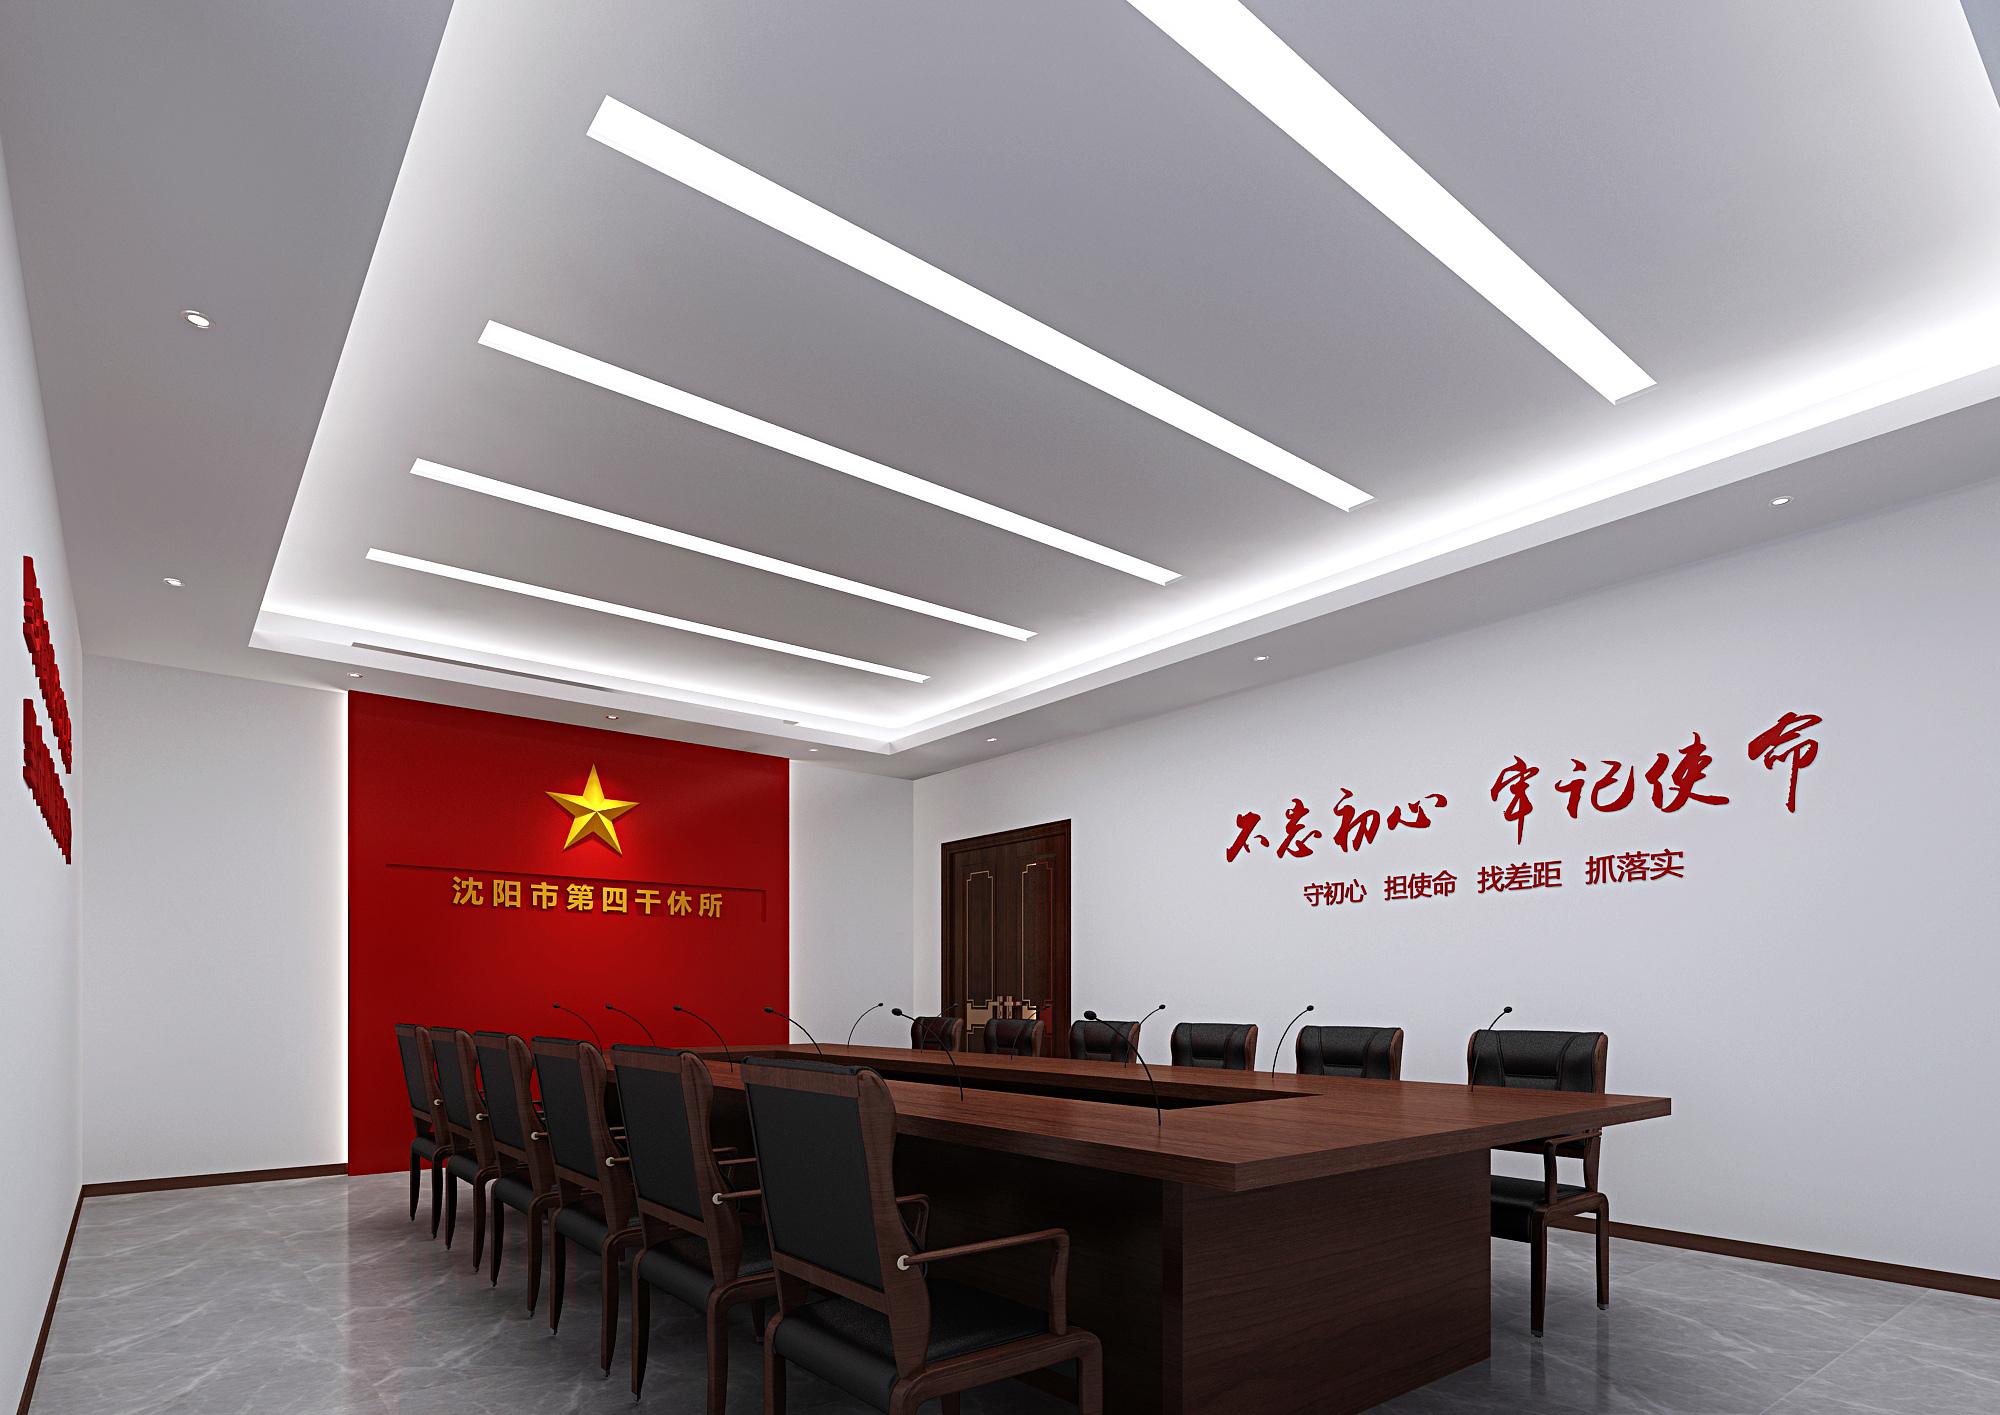 会议室建设